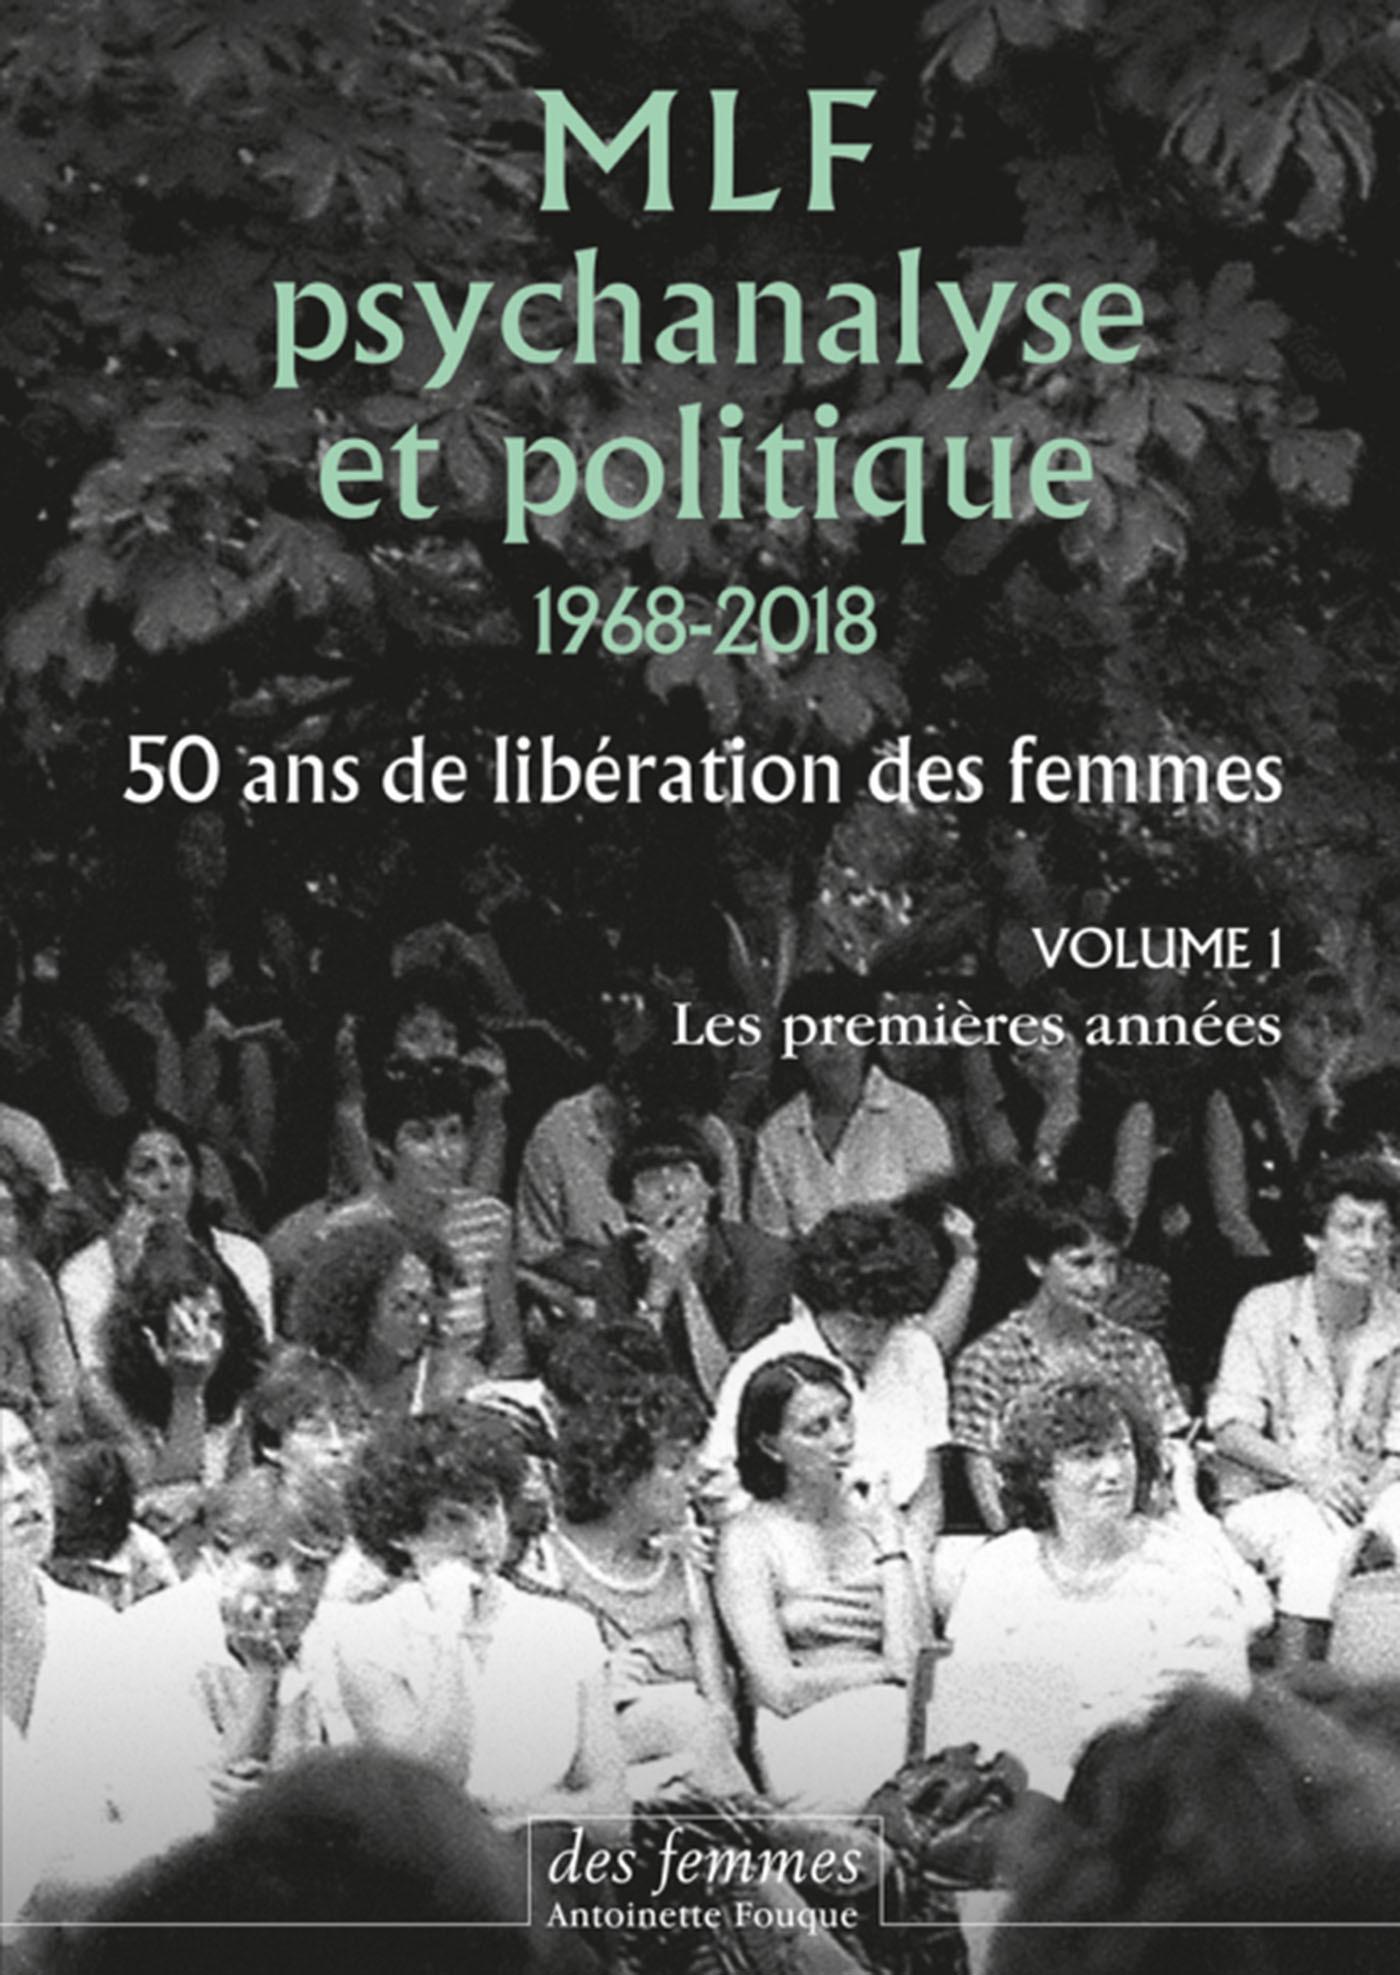 MLF-PSYCHANALYSE ET POLITIQUE VOLUME 1 - 1968-2018, 50 ANS DE LIBERATION DES FEMMES